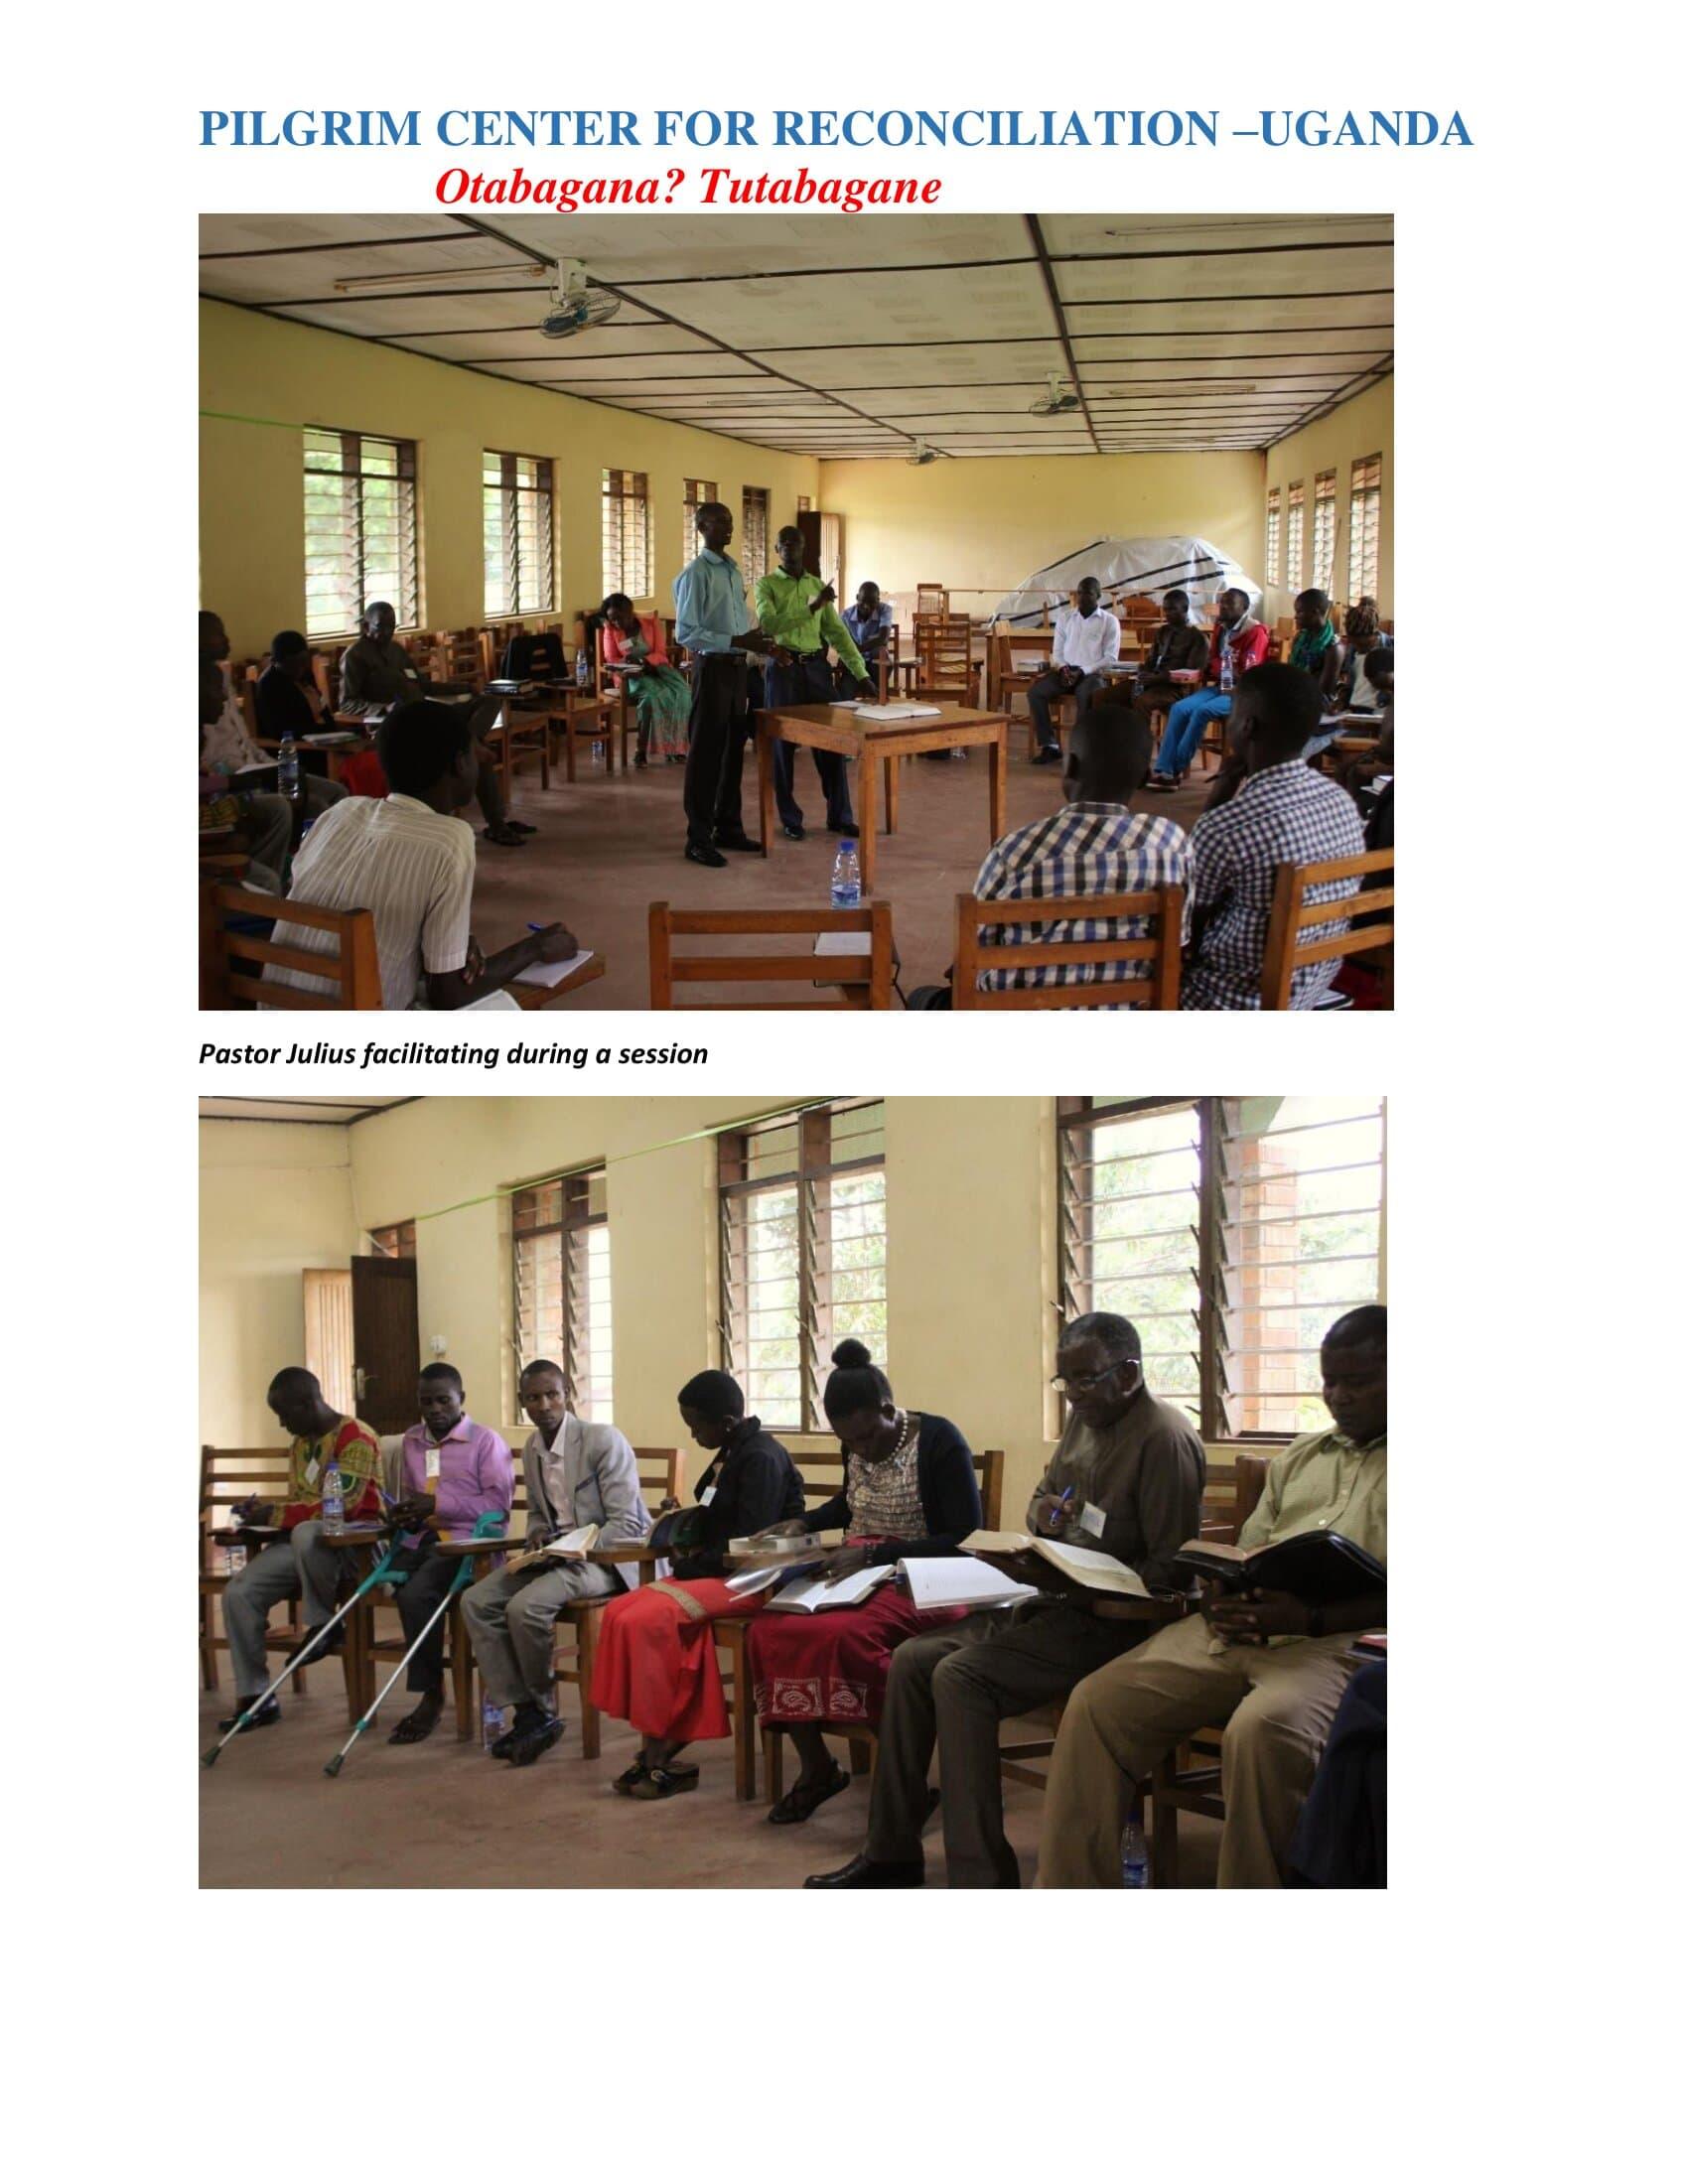 Pirigrim center for reconcilation -Uganda _0005-min